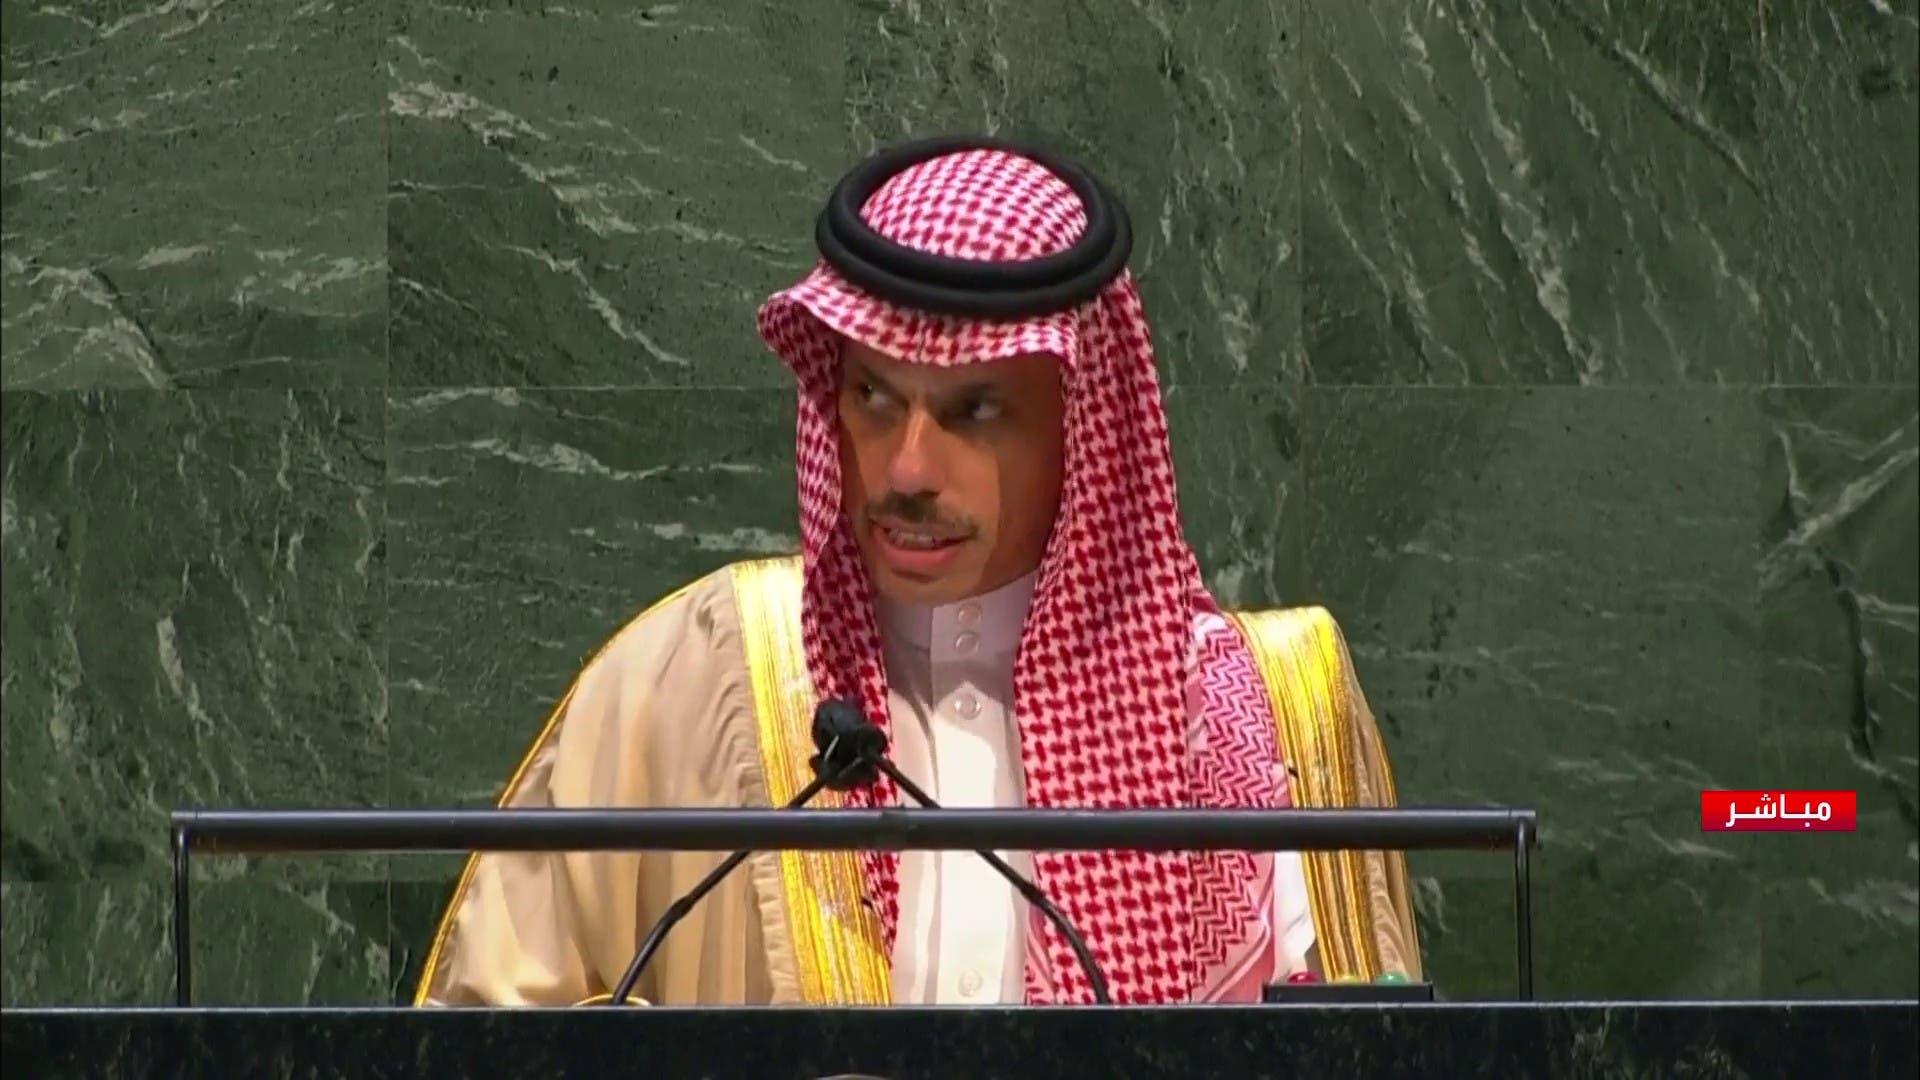 سخنرانی شاهزاده فیصل بن فرحان در مجمع عمومی سازمان ملل